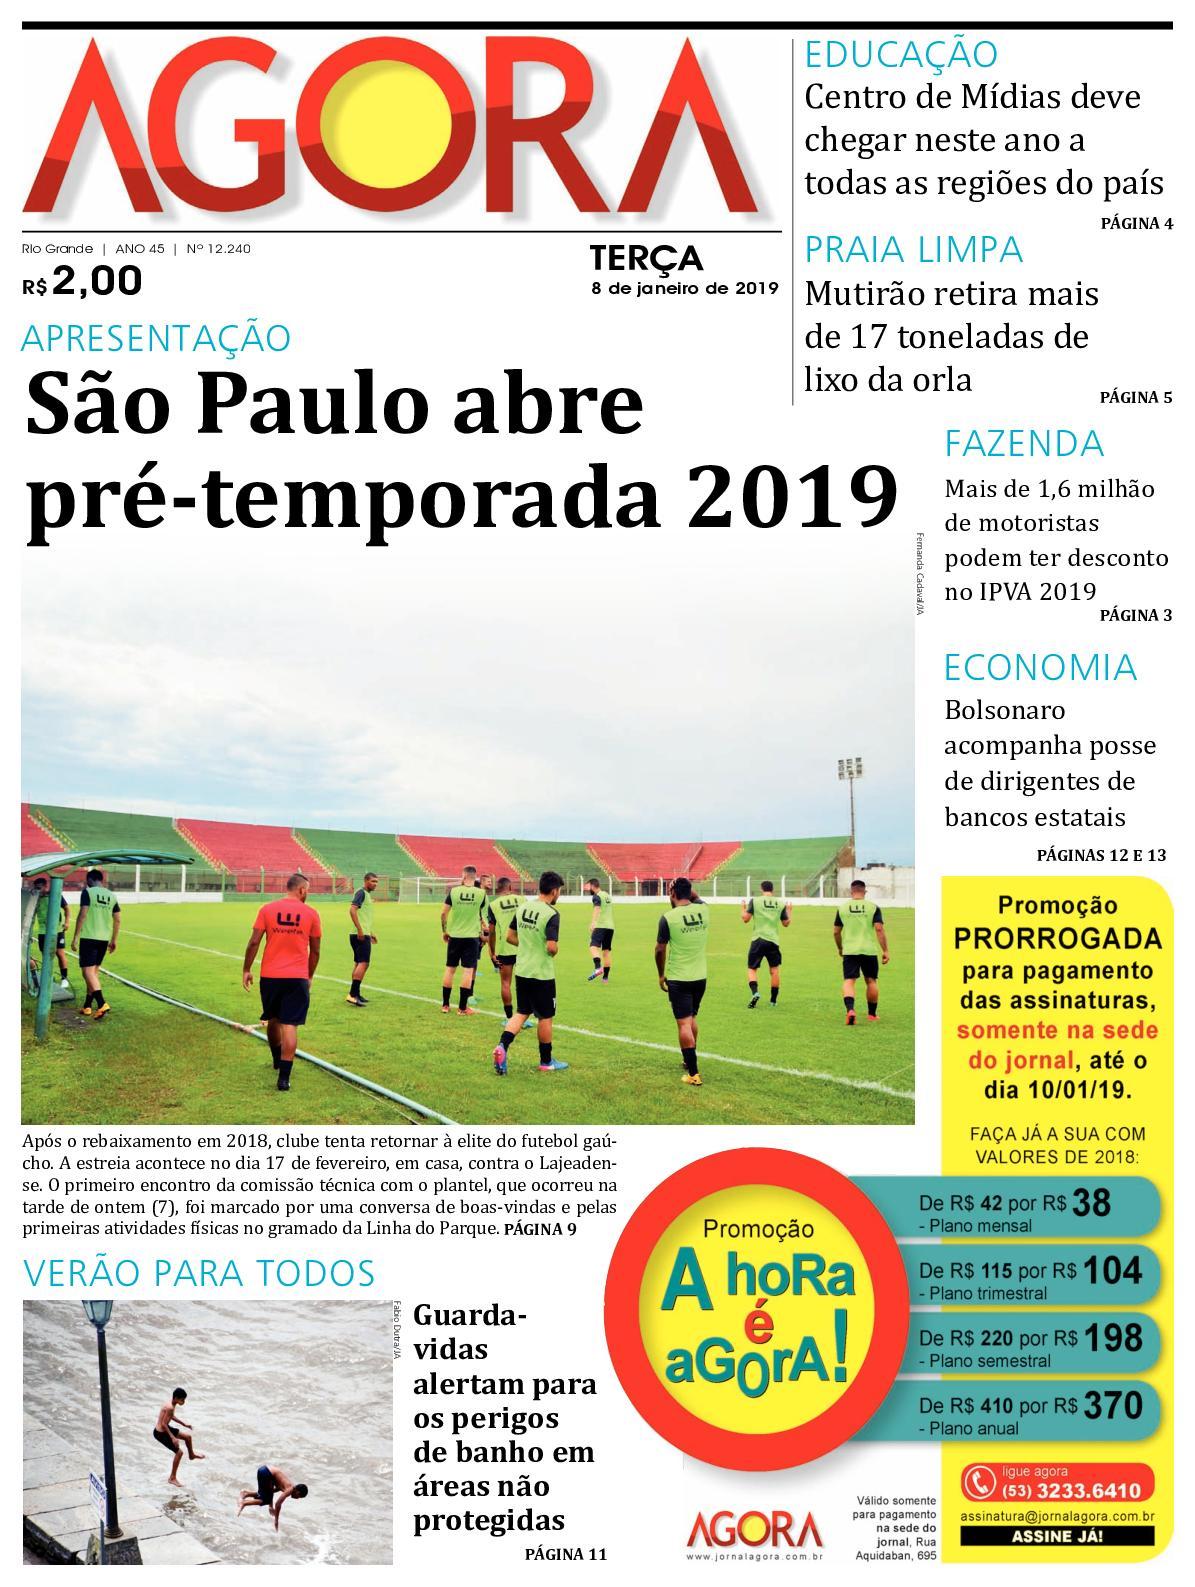 Calaméo - Jornal Agora - Edição 12240 - 8 de Janeiro de 2019 d2ba8f50a7ece